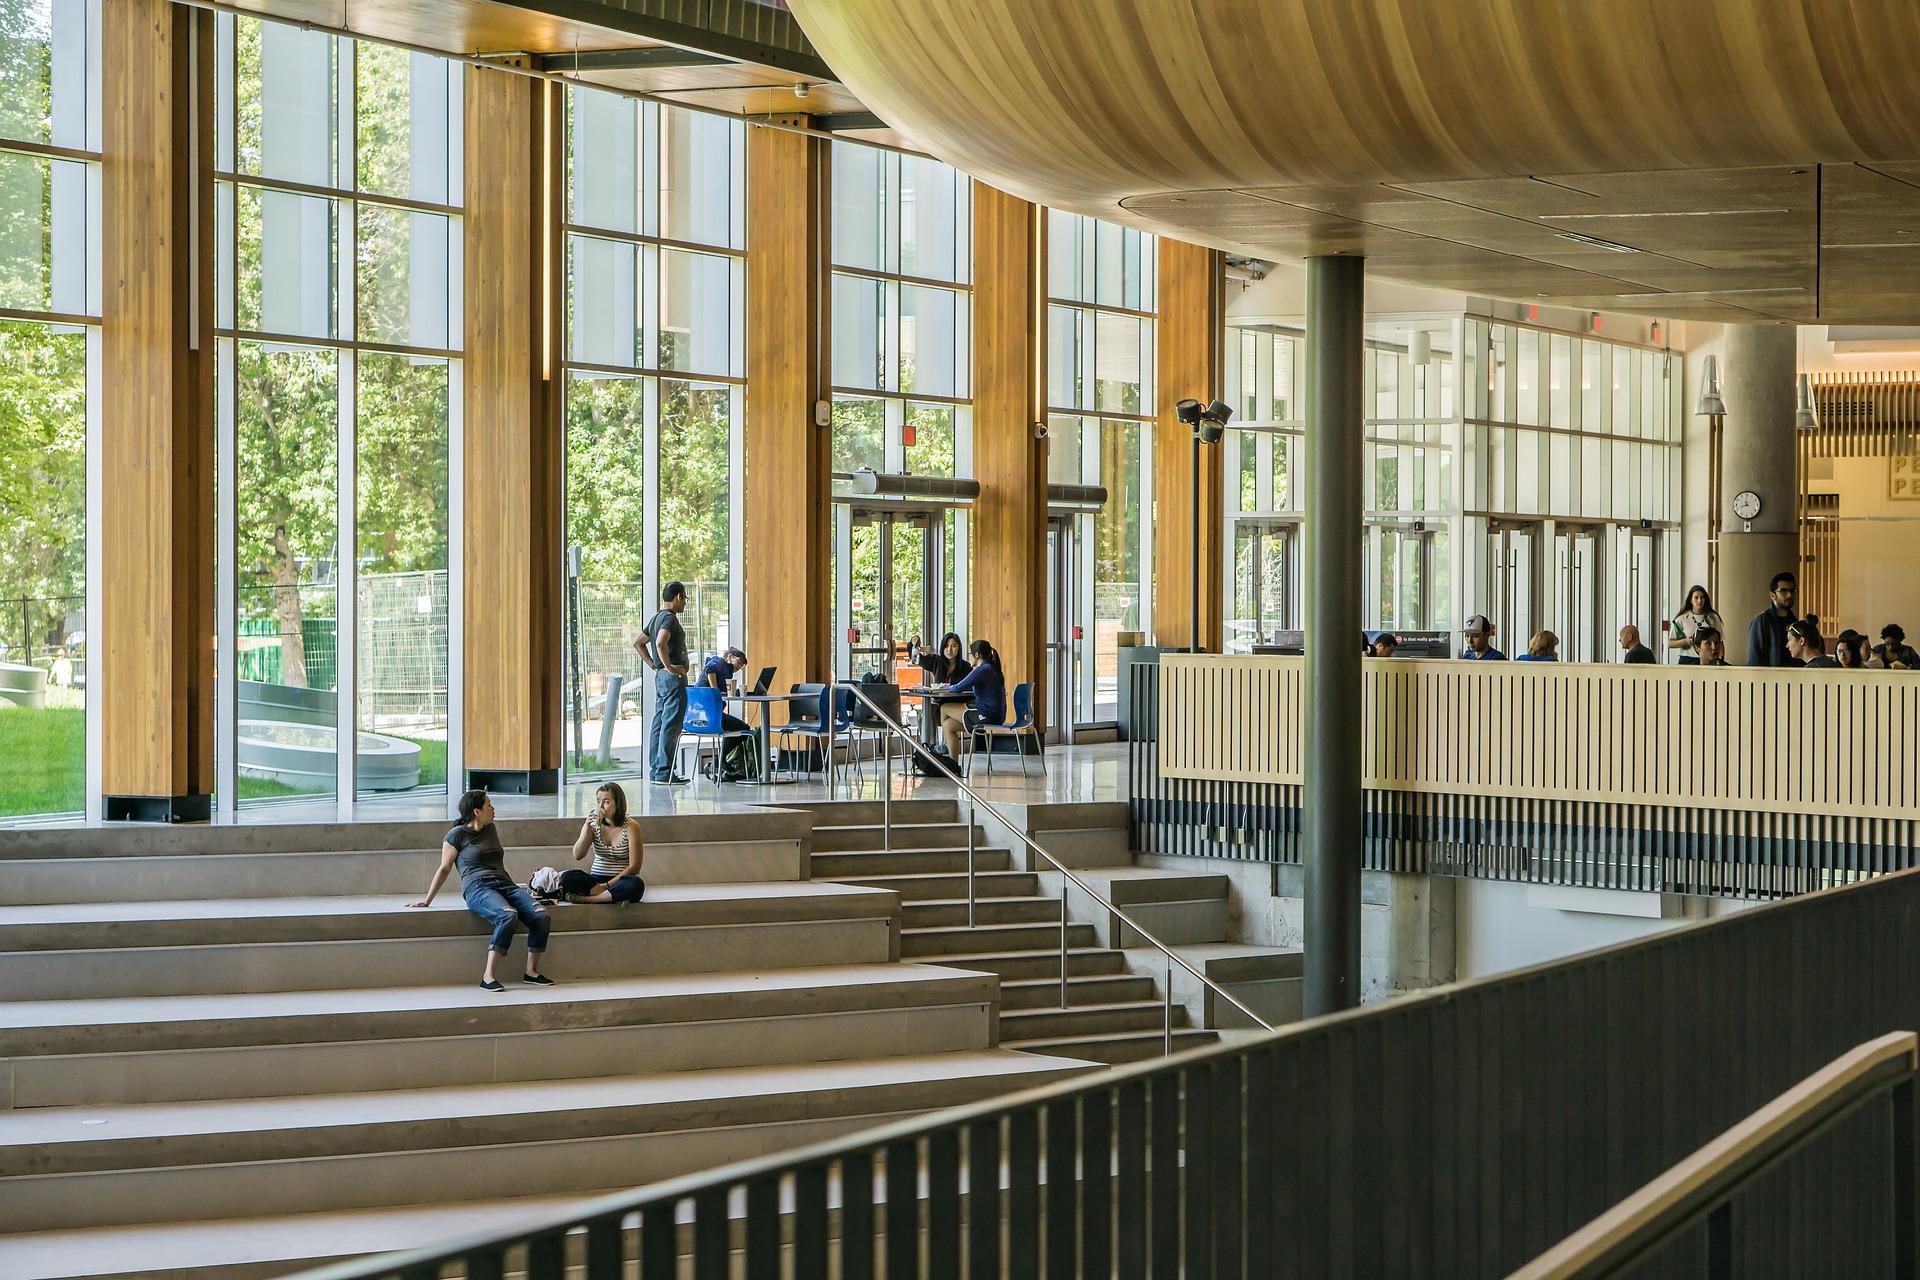 Universidades podrán retomar clases presenciales en mayo